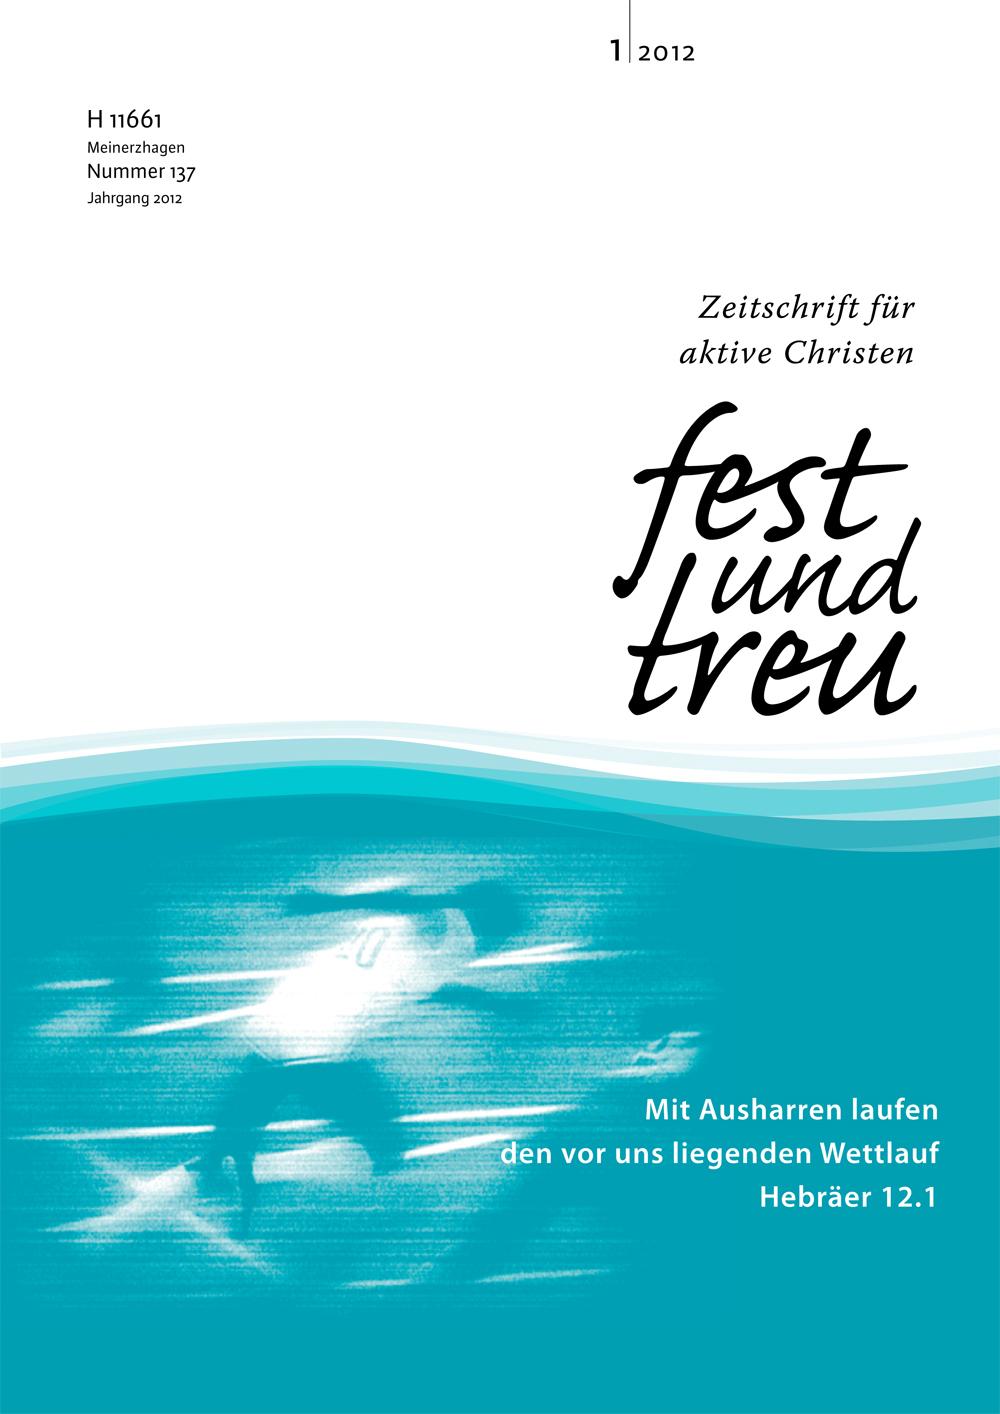 CLV_fest-treu-1-2012_2551201_1